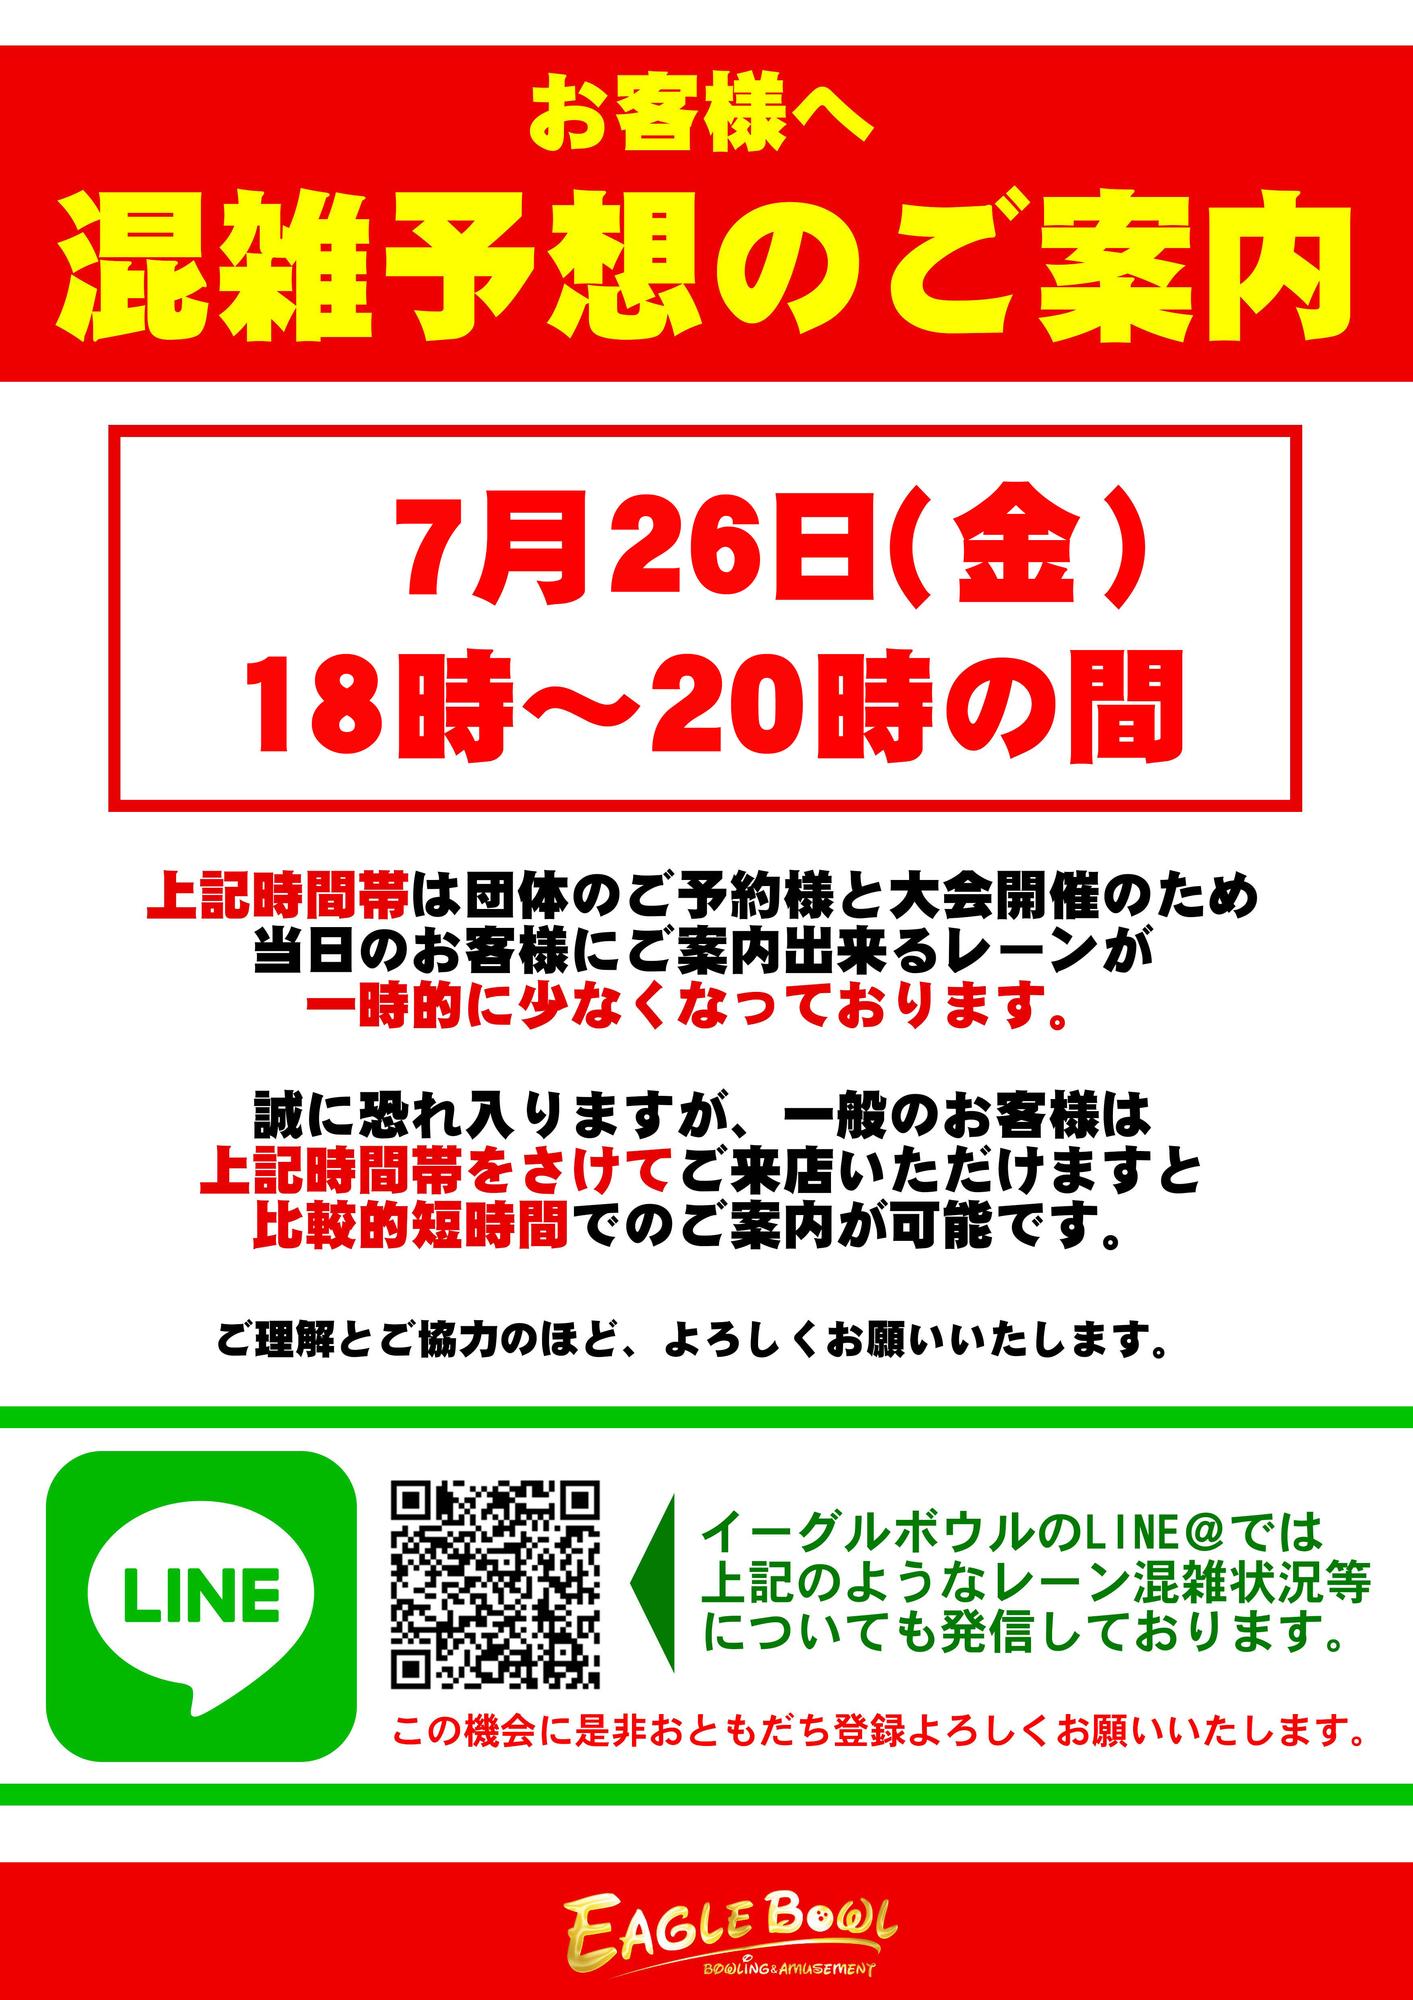 7/26 混雑予想のご案内